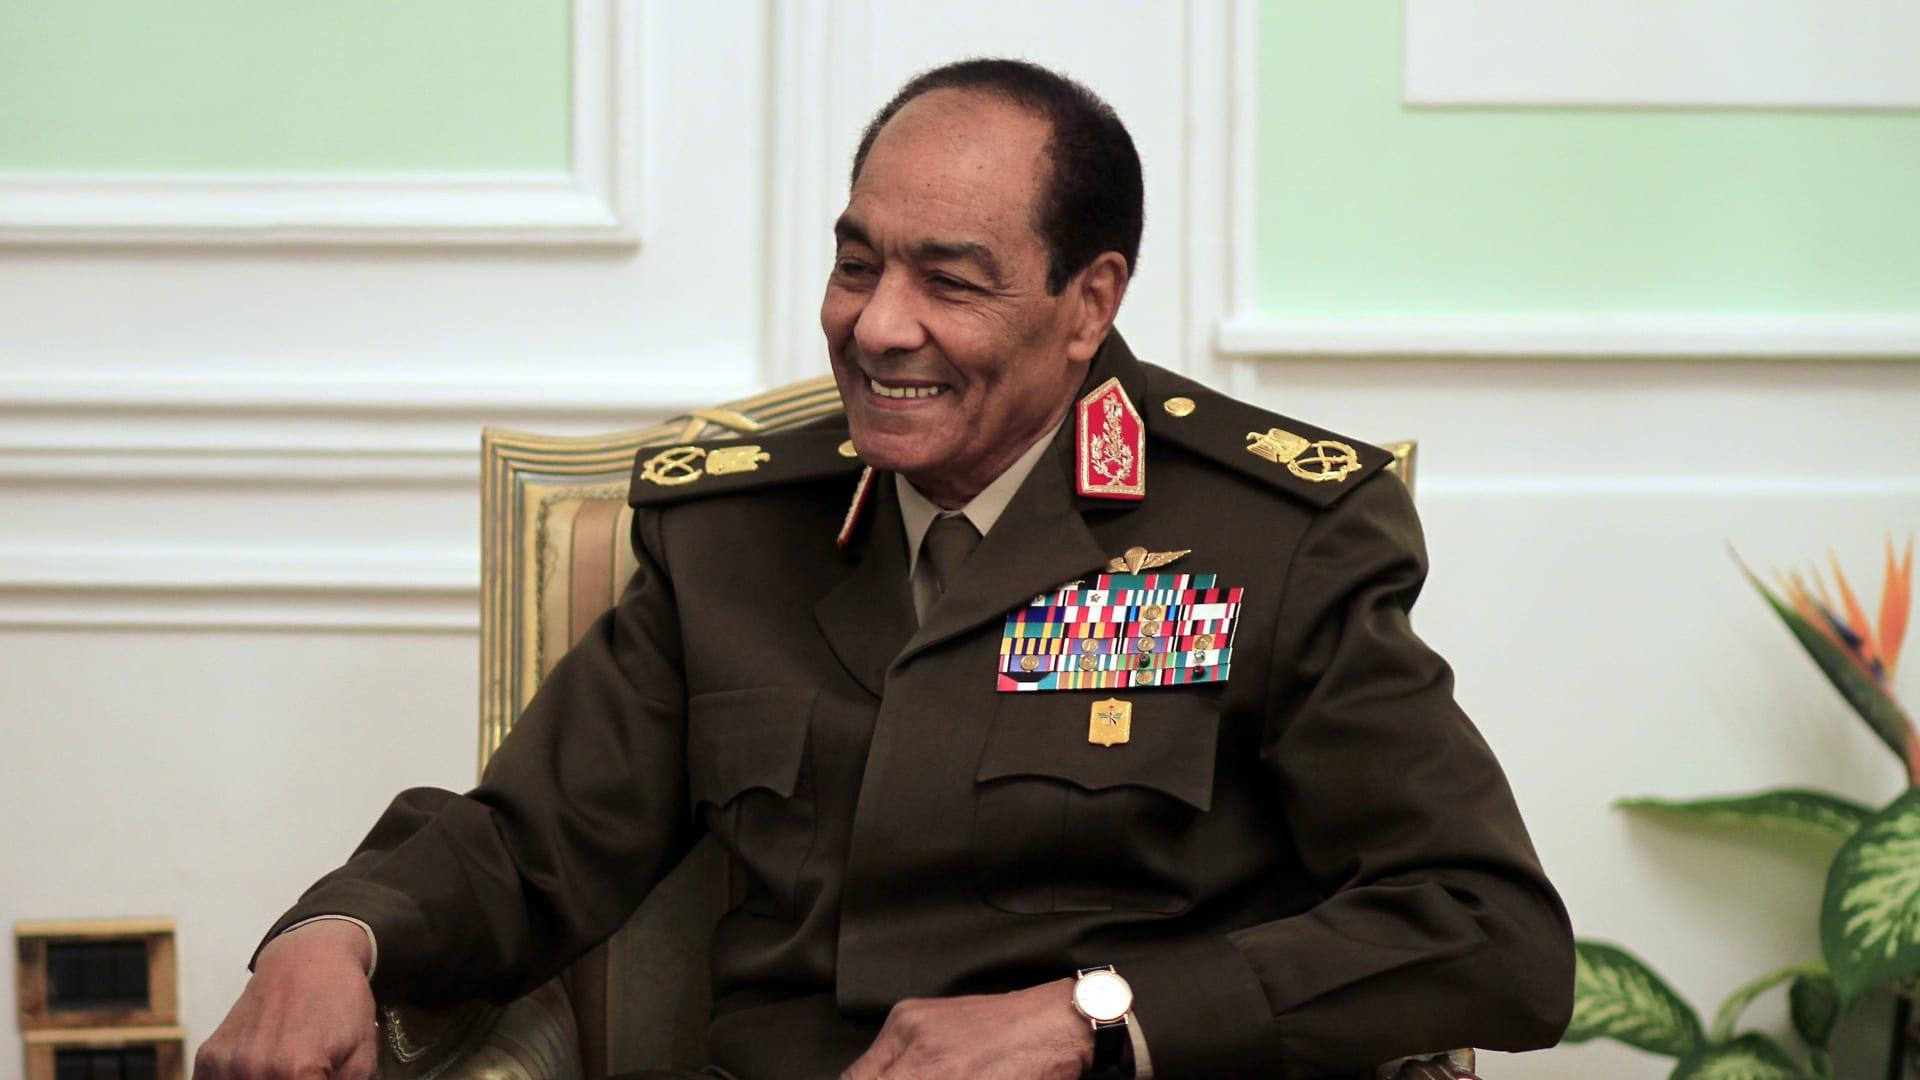 """صاحب المدة الأطول كوزير للدفاع ورجل بصفات """"بطل"""".. من هو محمد حسين طنطاوي؟"""